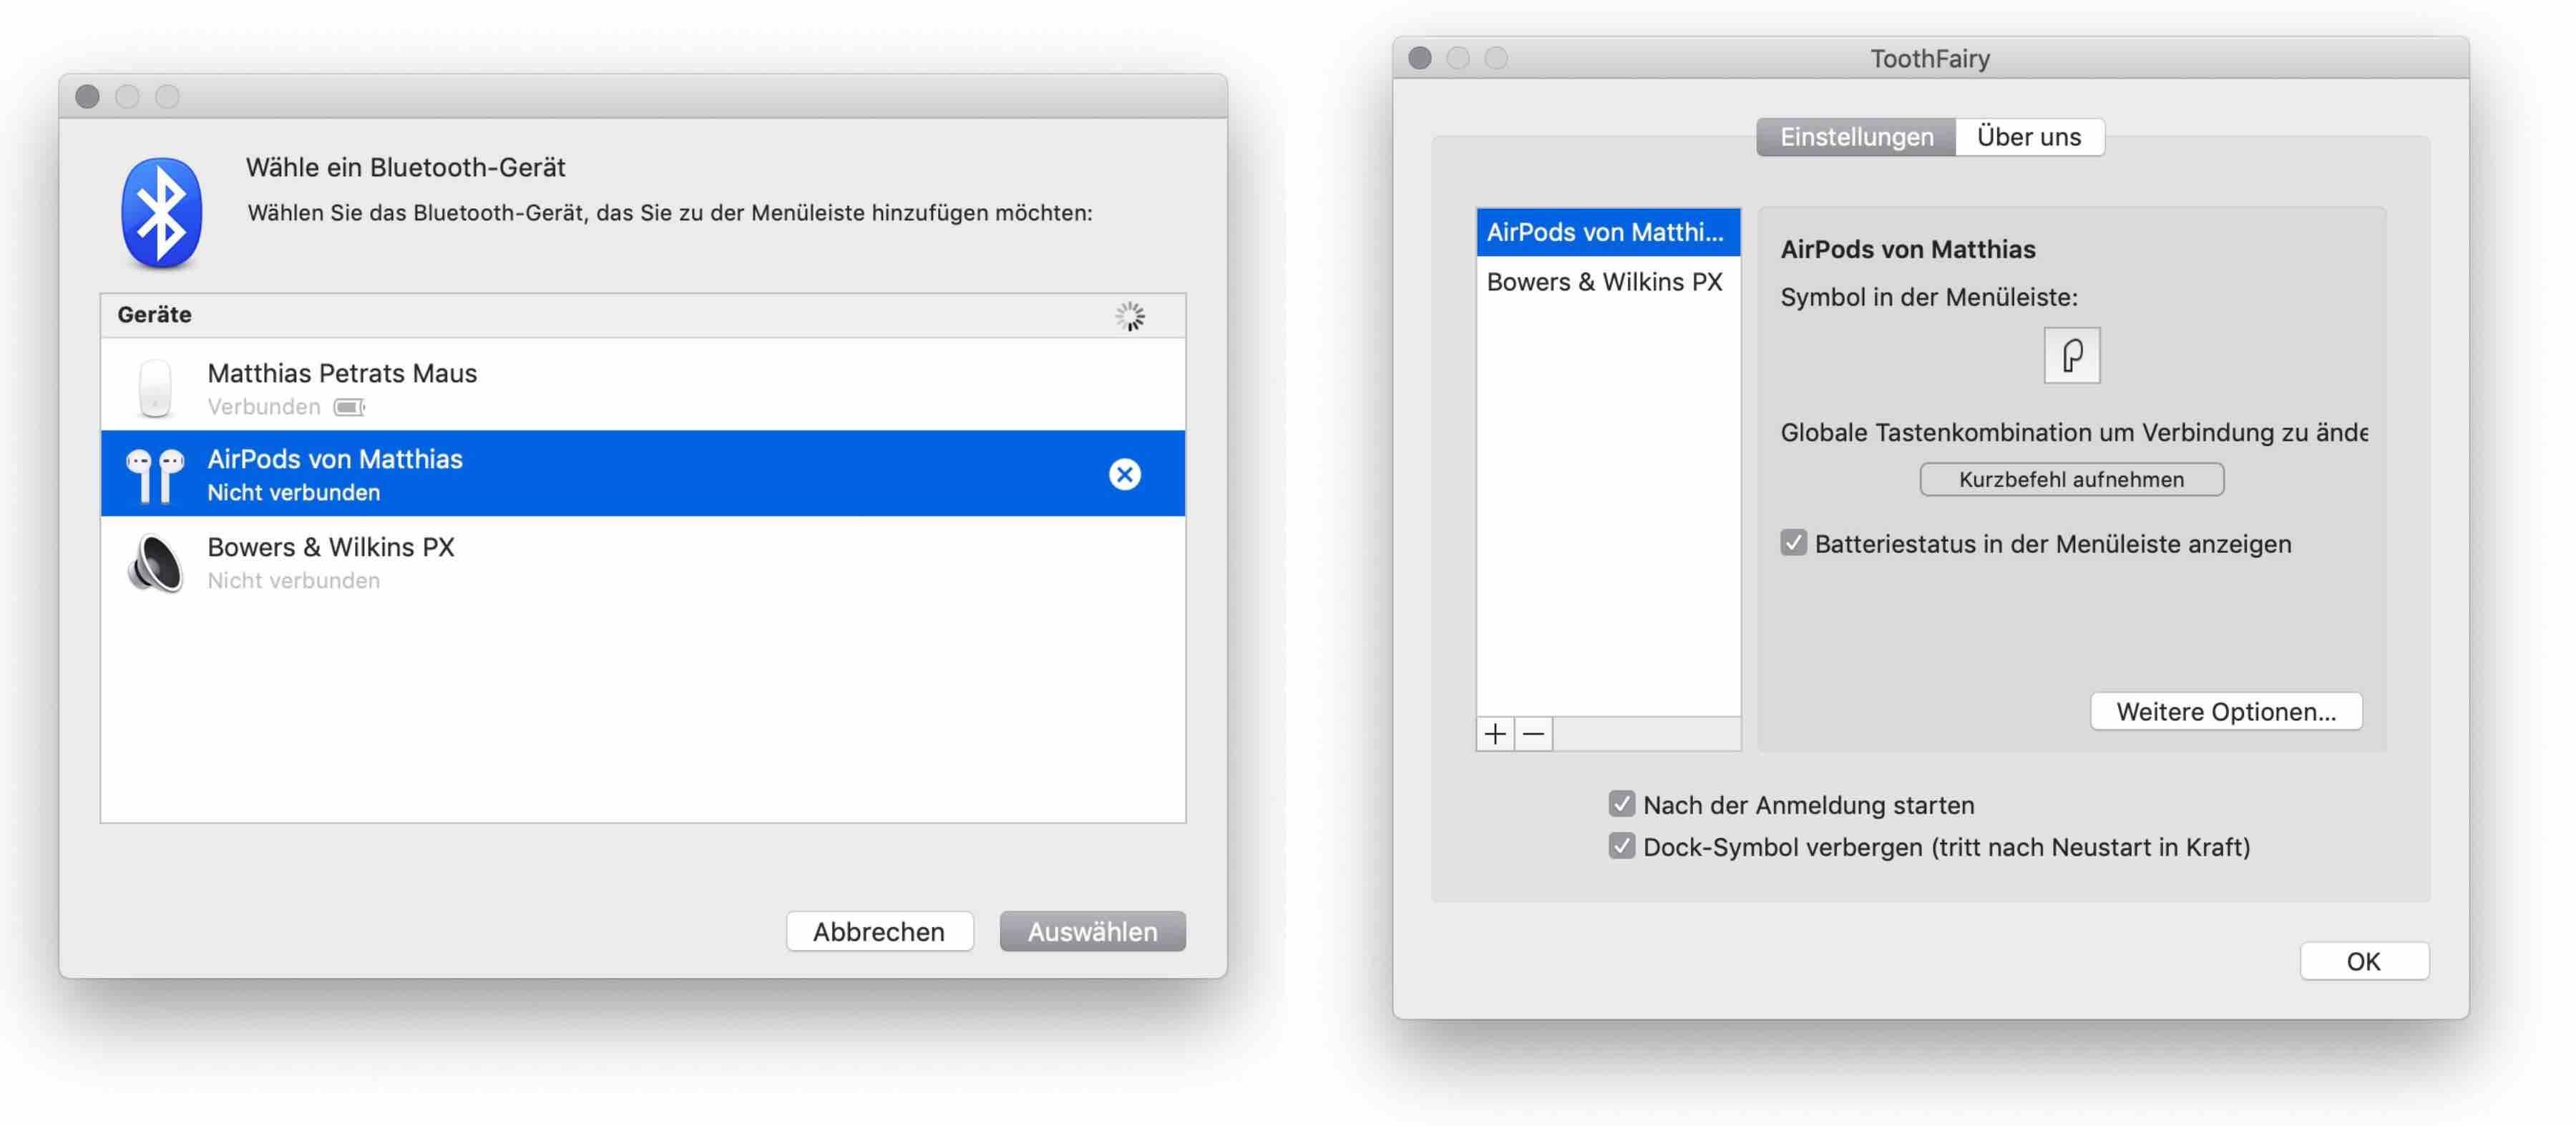 ToothFairy_Mac_Kopfhörer_Bluetooth_App1 ToothFairy für den Mac - das hilfreiche Werkzeug für Bluetoothkopfhörer